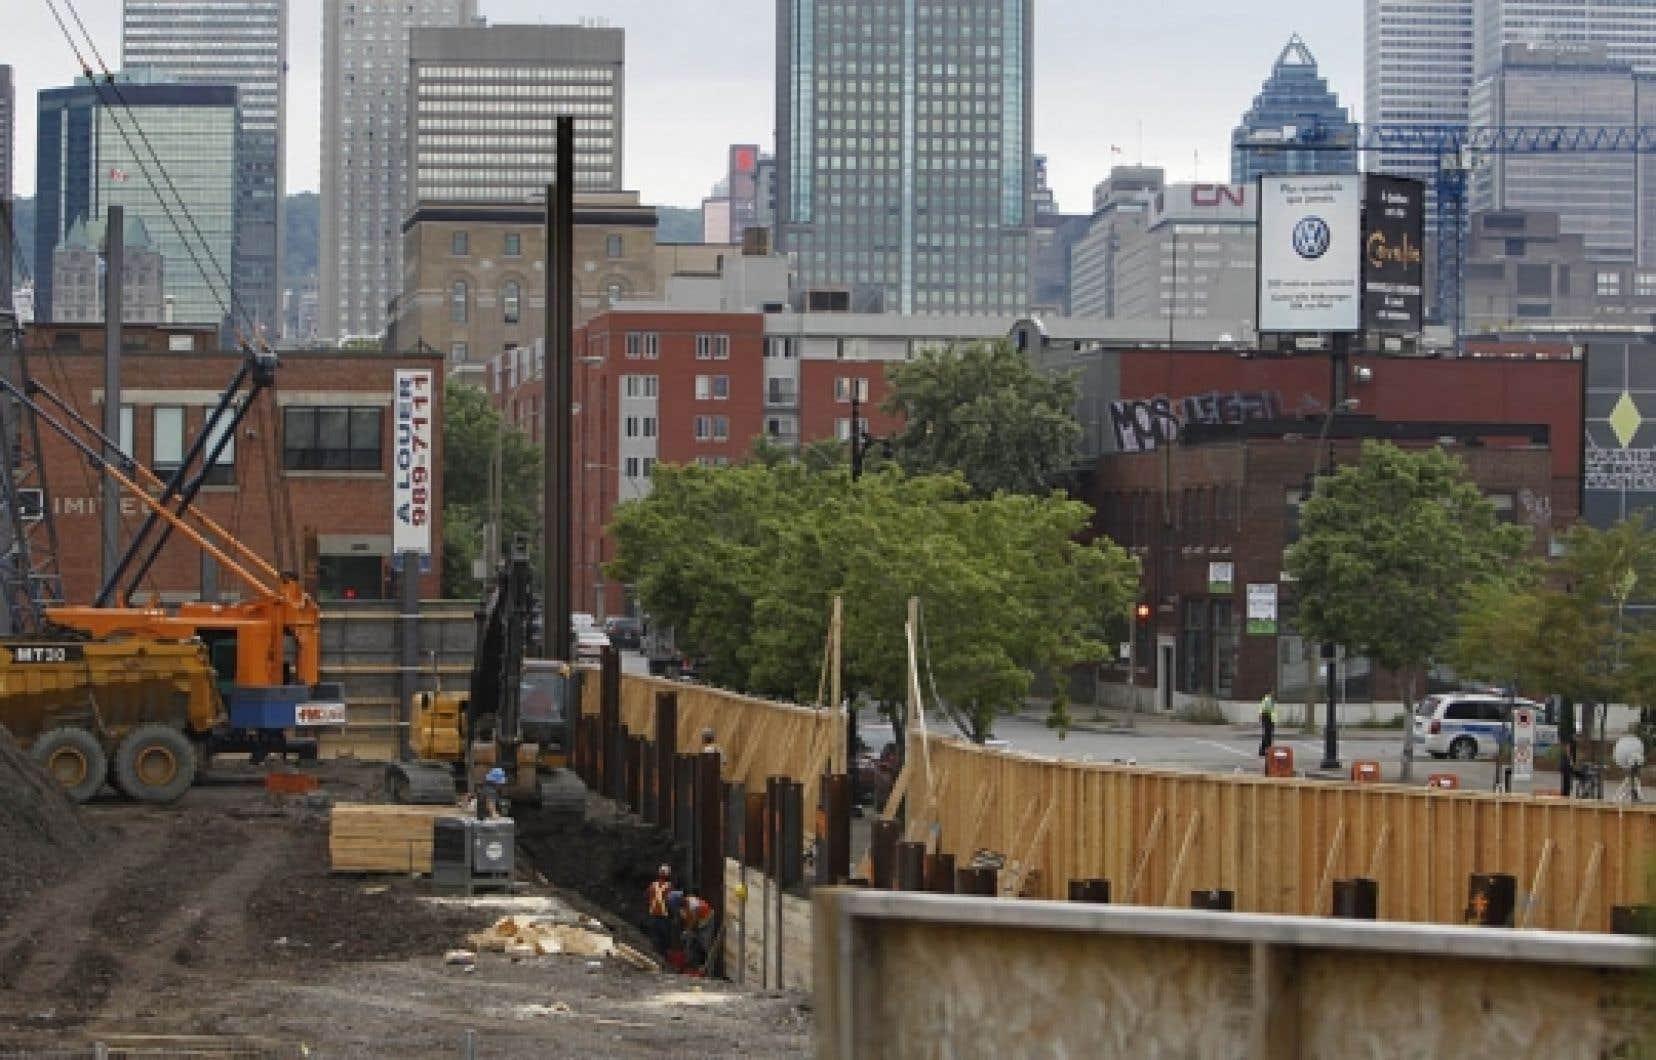 Le milieu de la construction sera-t-il soumis &agrave; une enqu&ecirc;te enti&egrave;rement publique?<br />